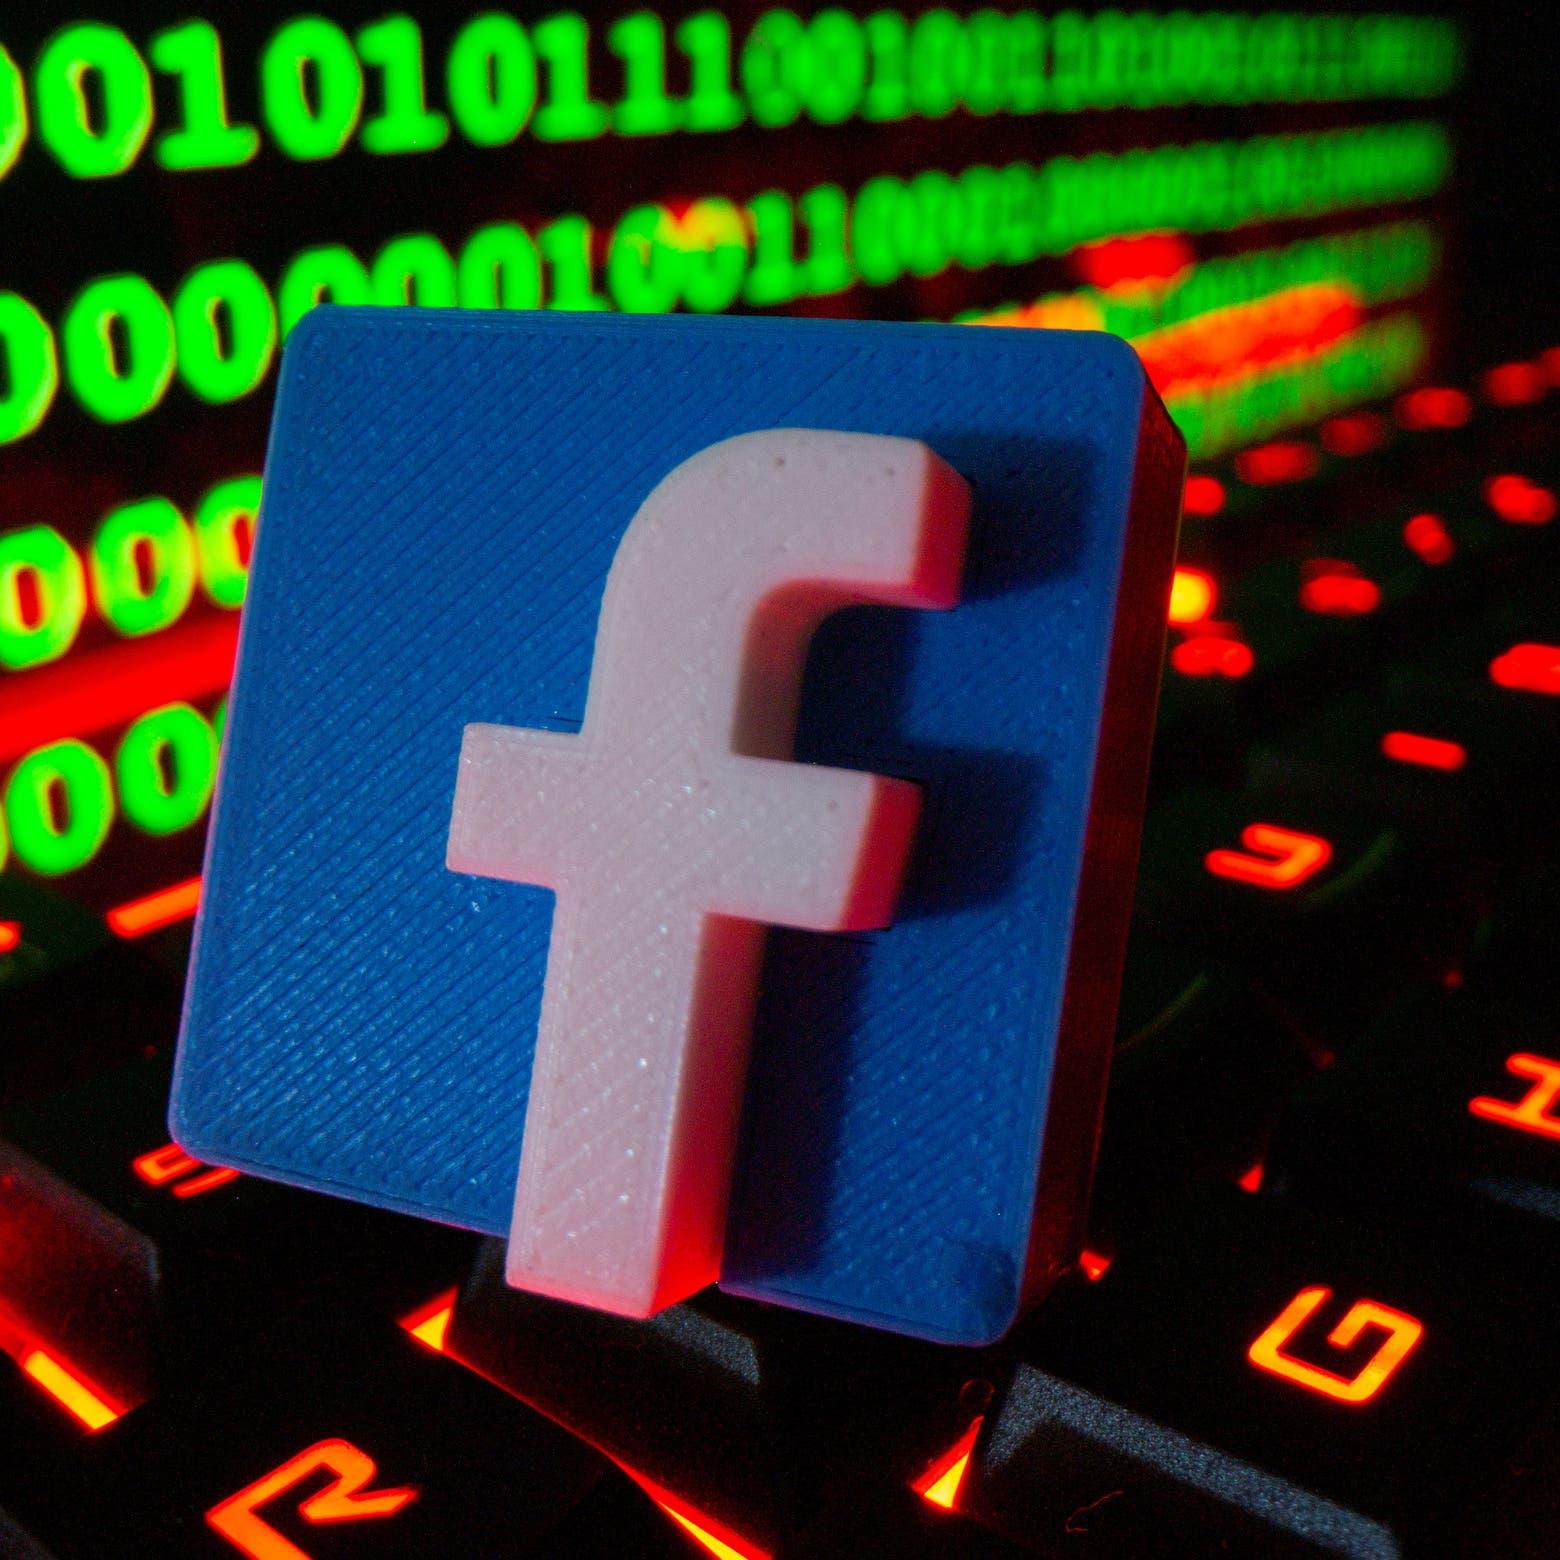 أوروبا: لا يمكن الاعتماد على فيسبوك فقط من الآن فصاعداً